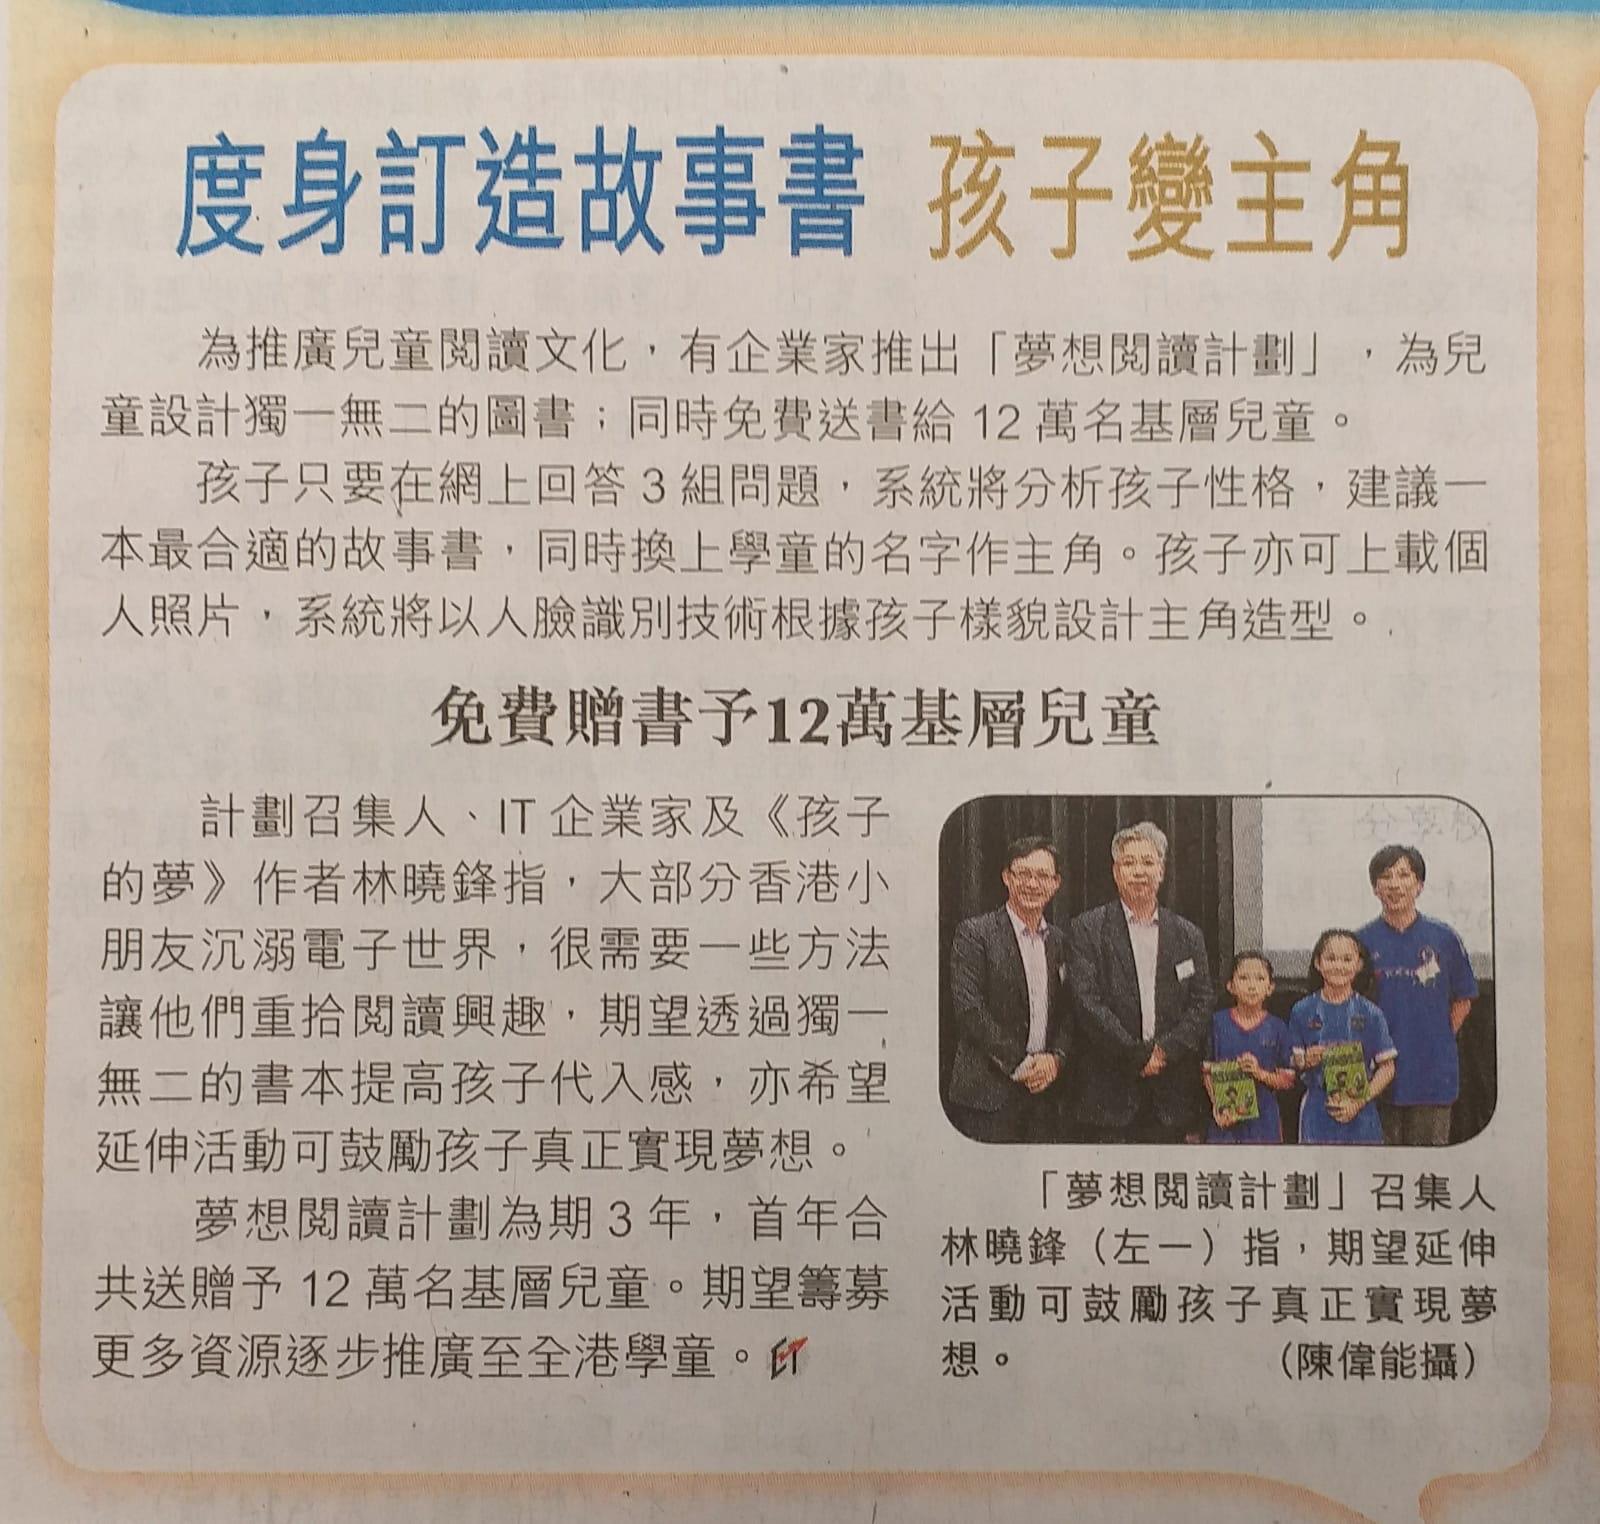 經濟日報港聞版報導「夢想閱讀計劃」